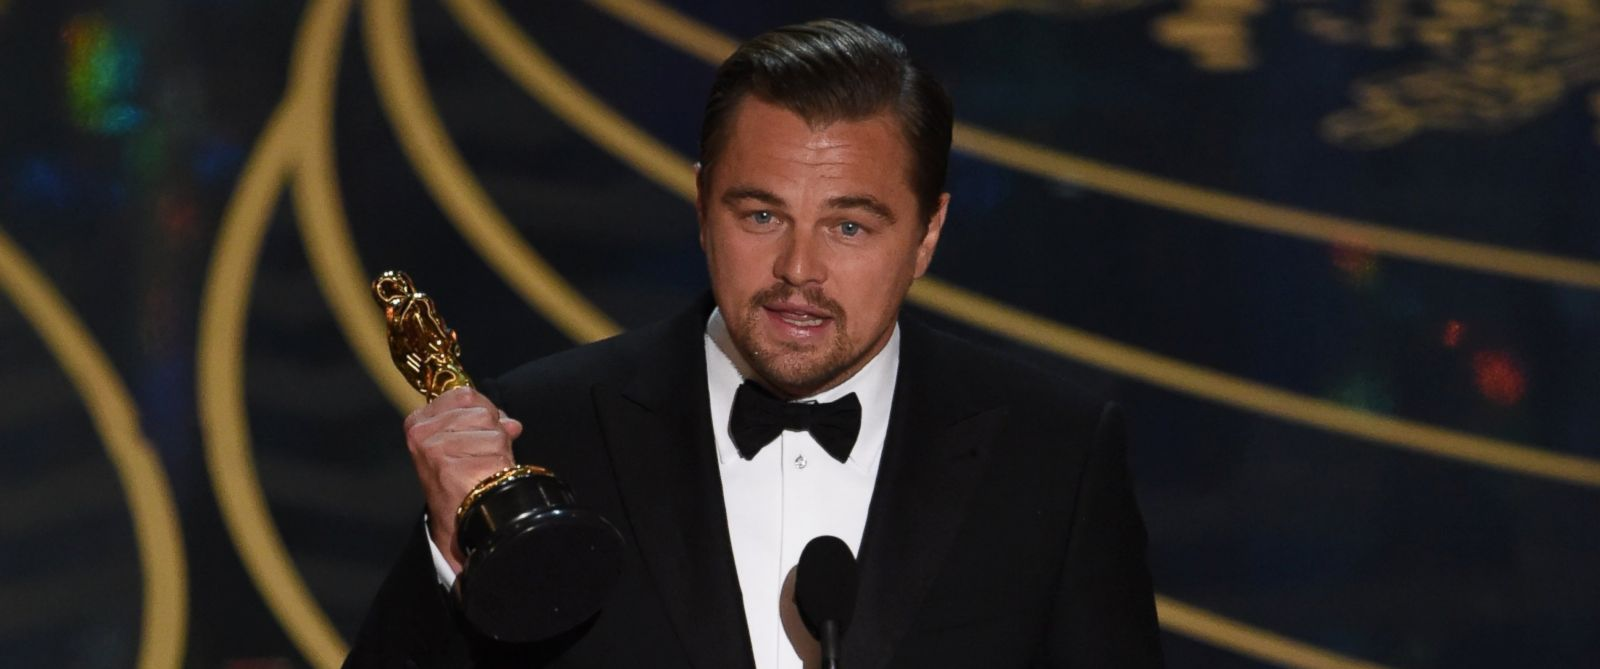 Leonardo Di Caprio after winning the Oscar. Image Courtesy:ABCNews